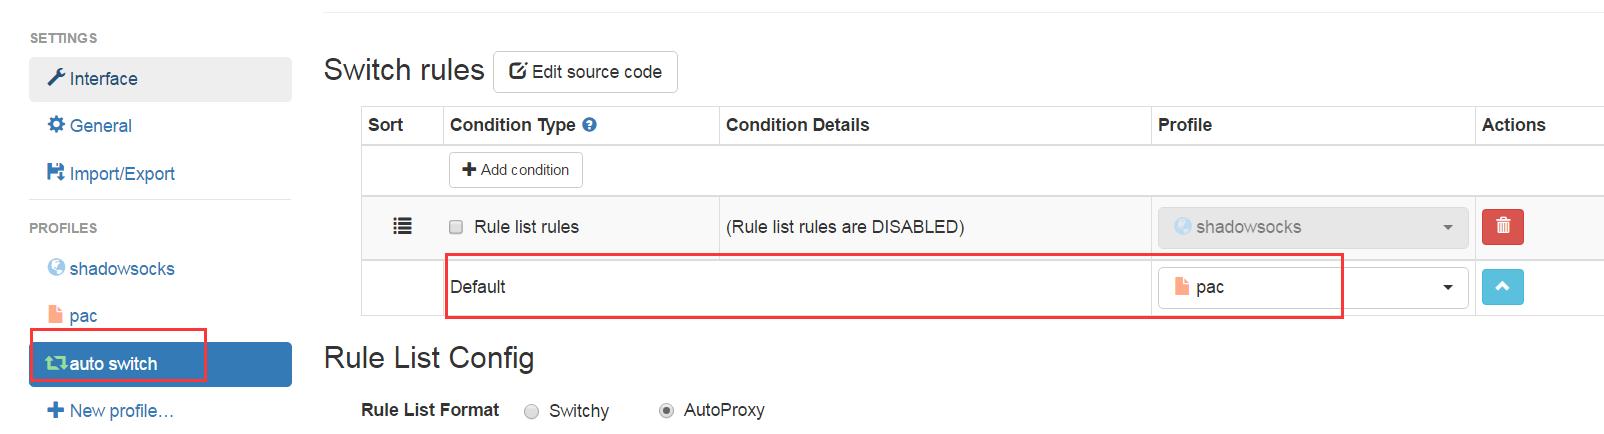 自动切换中将pac设置为default